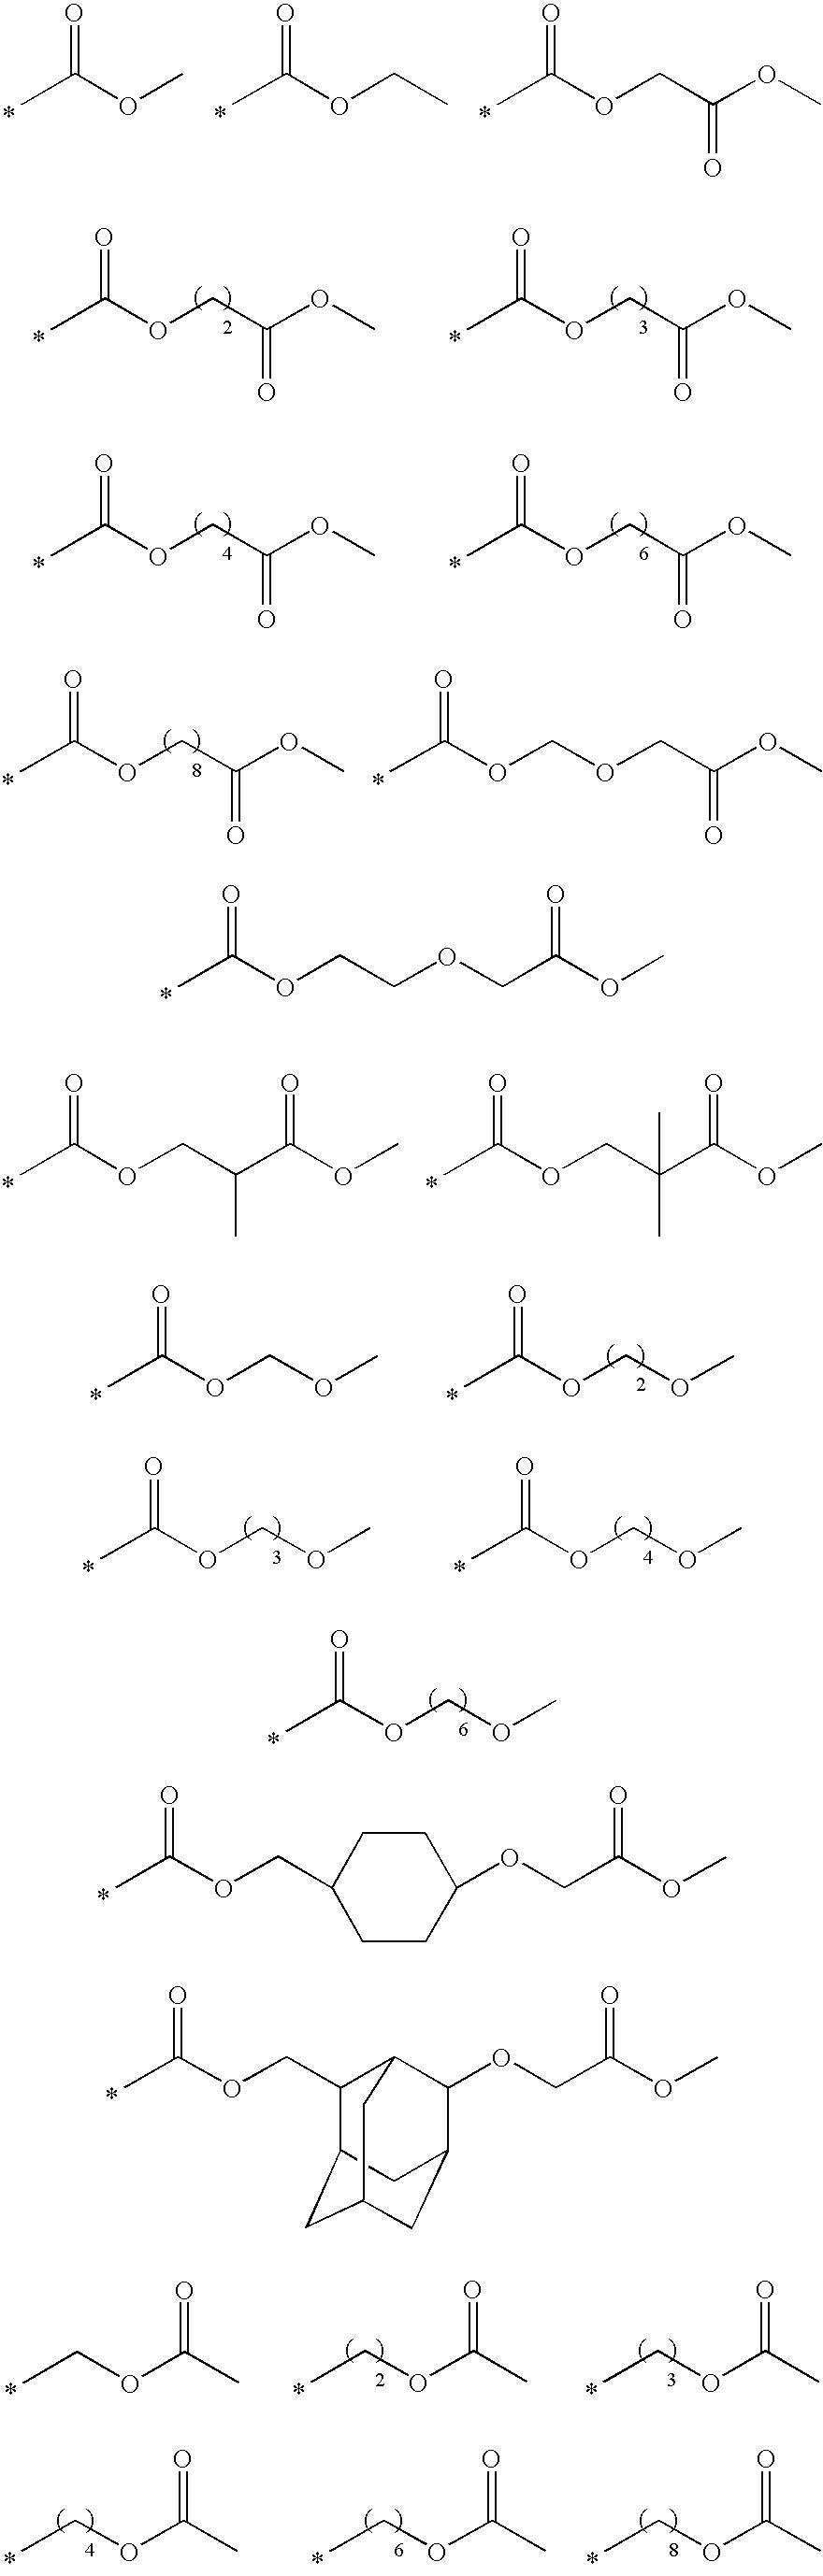 Figure US20100323296A1-20101223-C00065